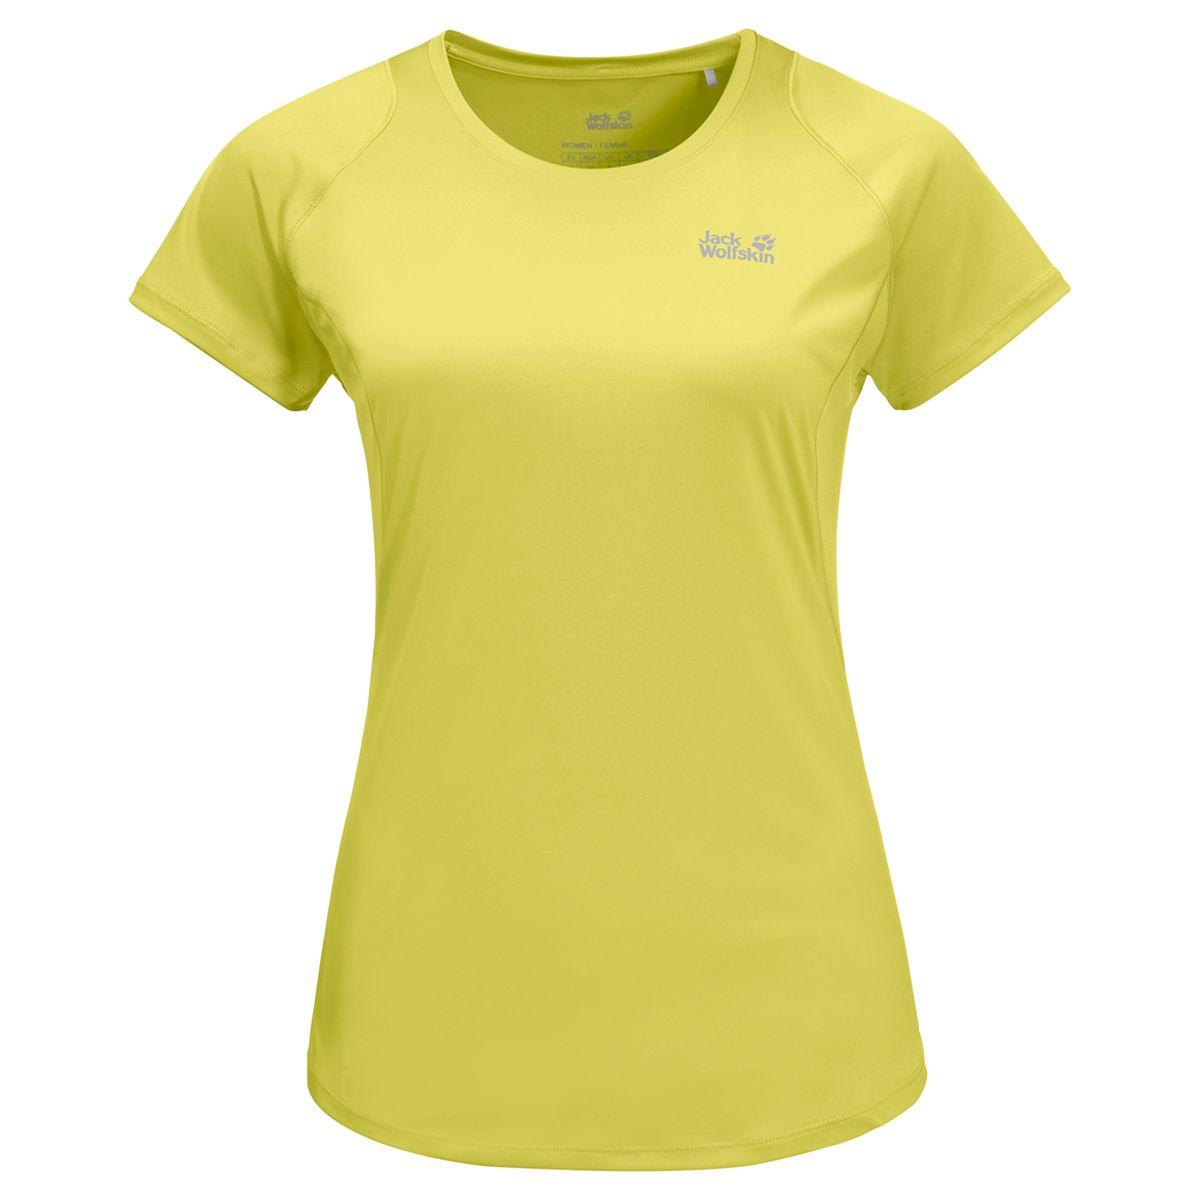 Футболка Jack Wolfskin1806481-3075Бег, интенсивный хайкинг, тренировки на свежем воздухе, спиннинг — вы любите по-настоящему испытывать себя и свои возможности. SIERRA T (СЬЕРРА Ти) поможет вам в этом. Эта футболка спортивного покроя в стиле кэжуал сшита из эластичной ткани. Ткань эффективно впитывает влагу, отводит ее наружу и быстро высыхает. Ткань HYDROPORE (ХАЙДРОПОР) может похвастаться дополнительными свойствами, которые поддержат ваши достижения во время занятий с интенсивной нагрузкой. Она невероятно эластичная, а ее специальная обработка;позволяет минимизировать неприятные запахи.